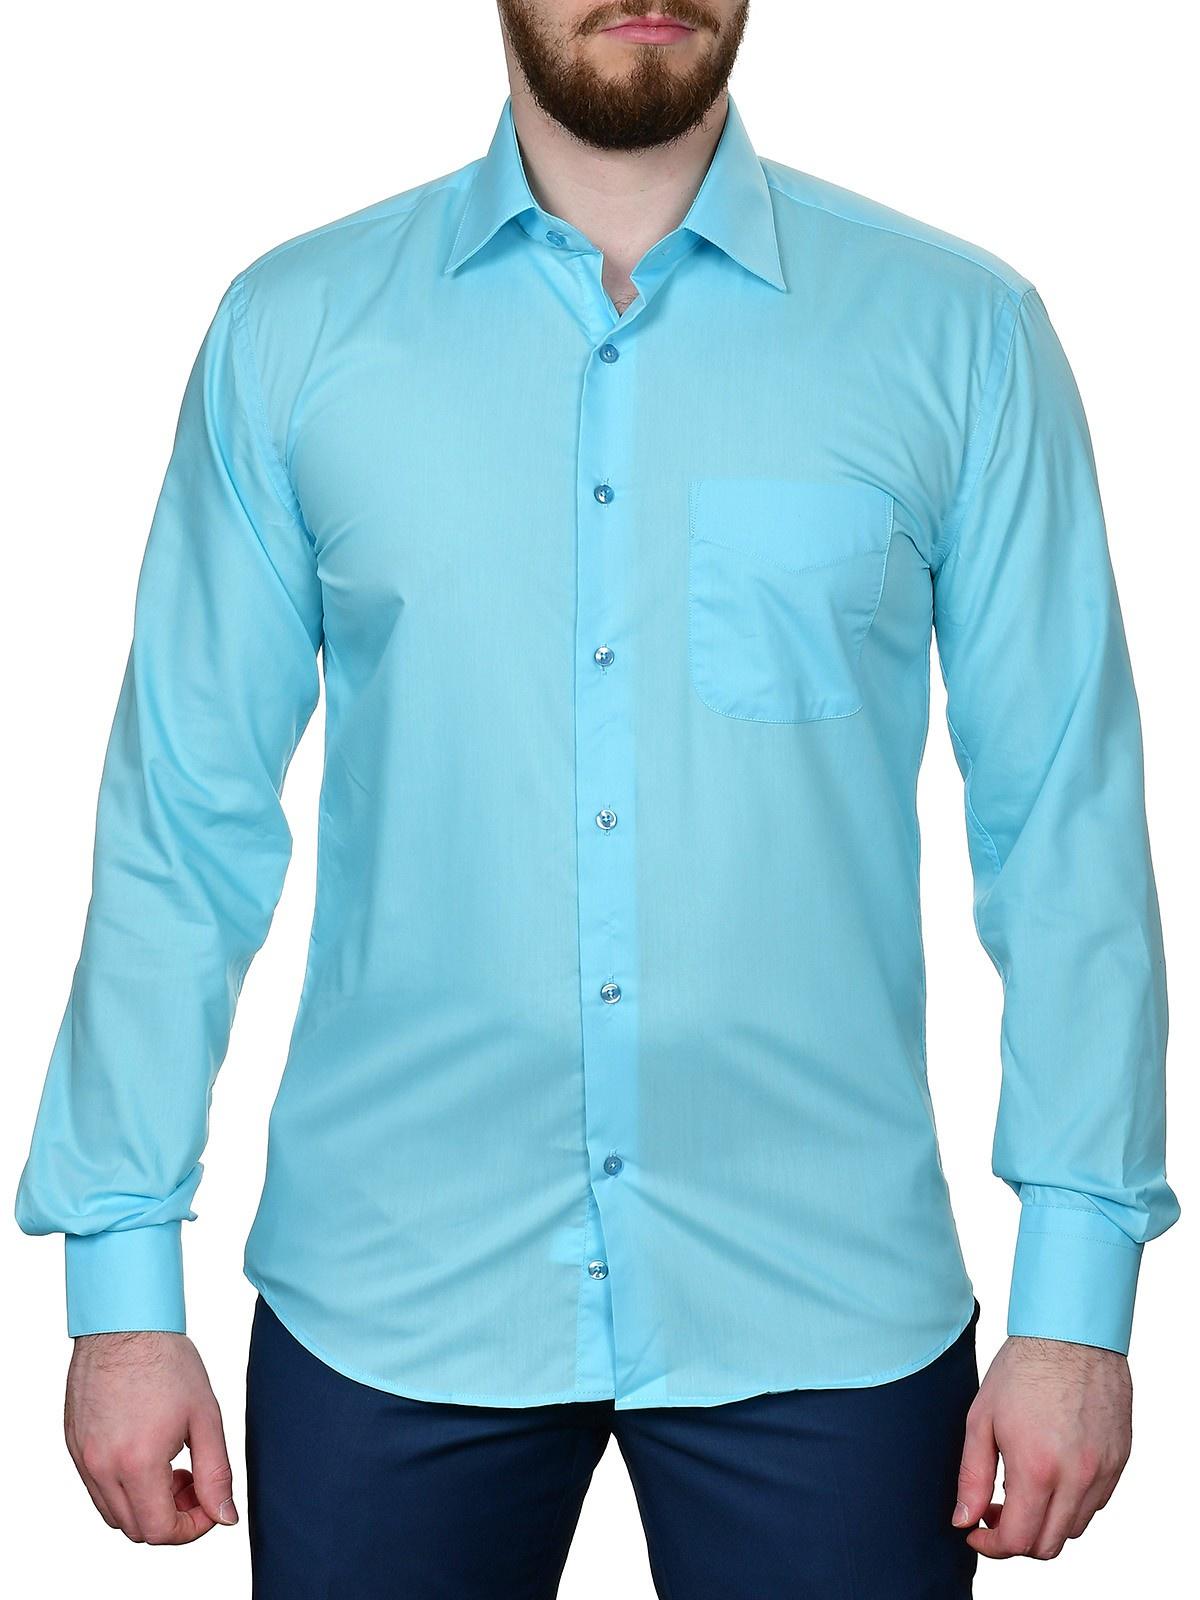 купить Рубашка Fayzoff S.A. по цене 2199 рублей